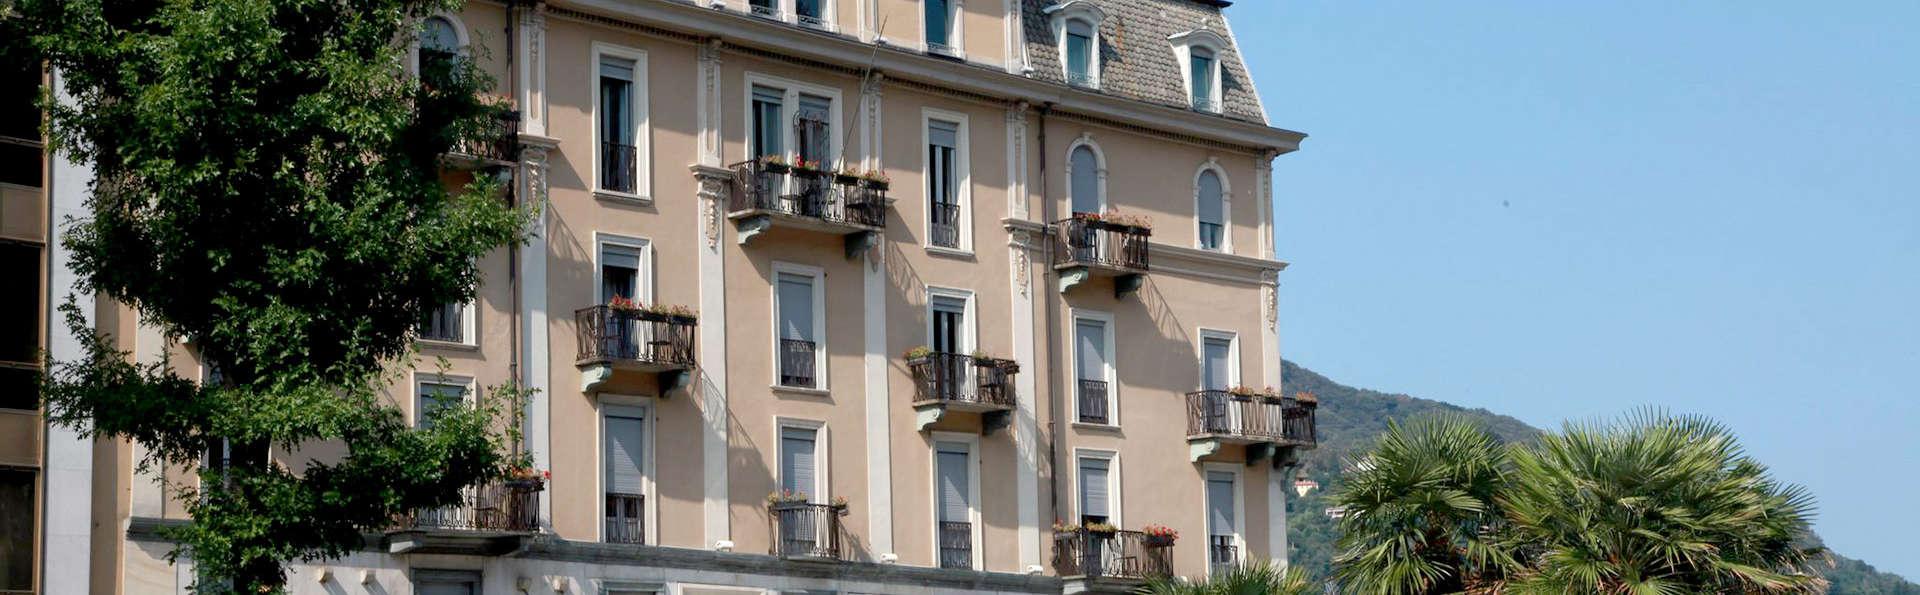 Hotel Metropole Suisse - Edit_Front2.jpg